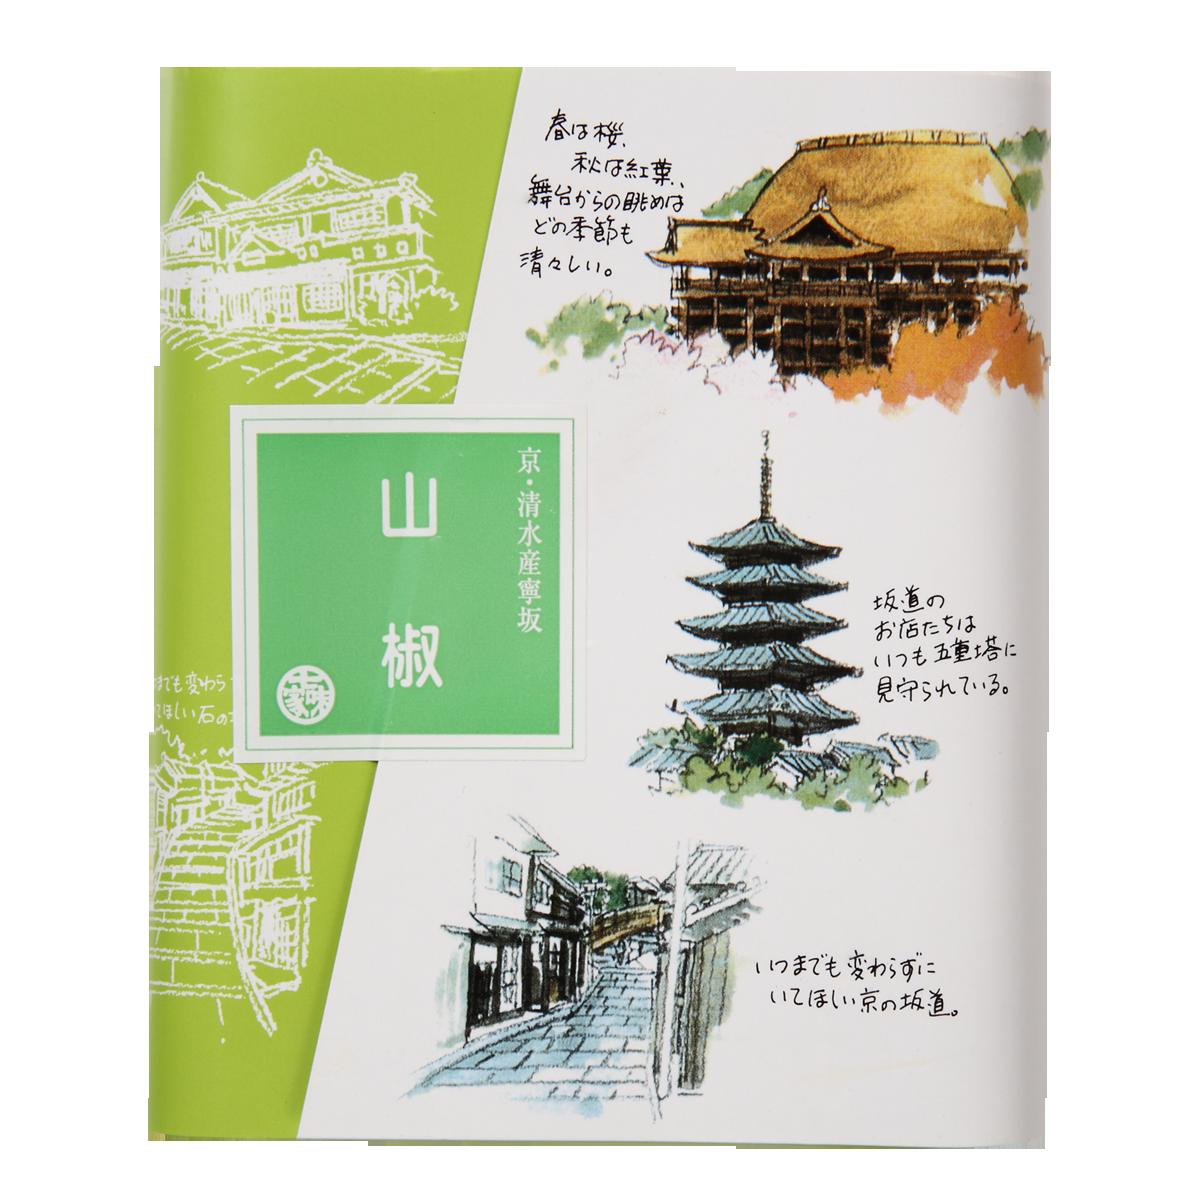 山椒豆袋(0.2g)50袋